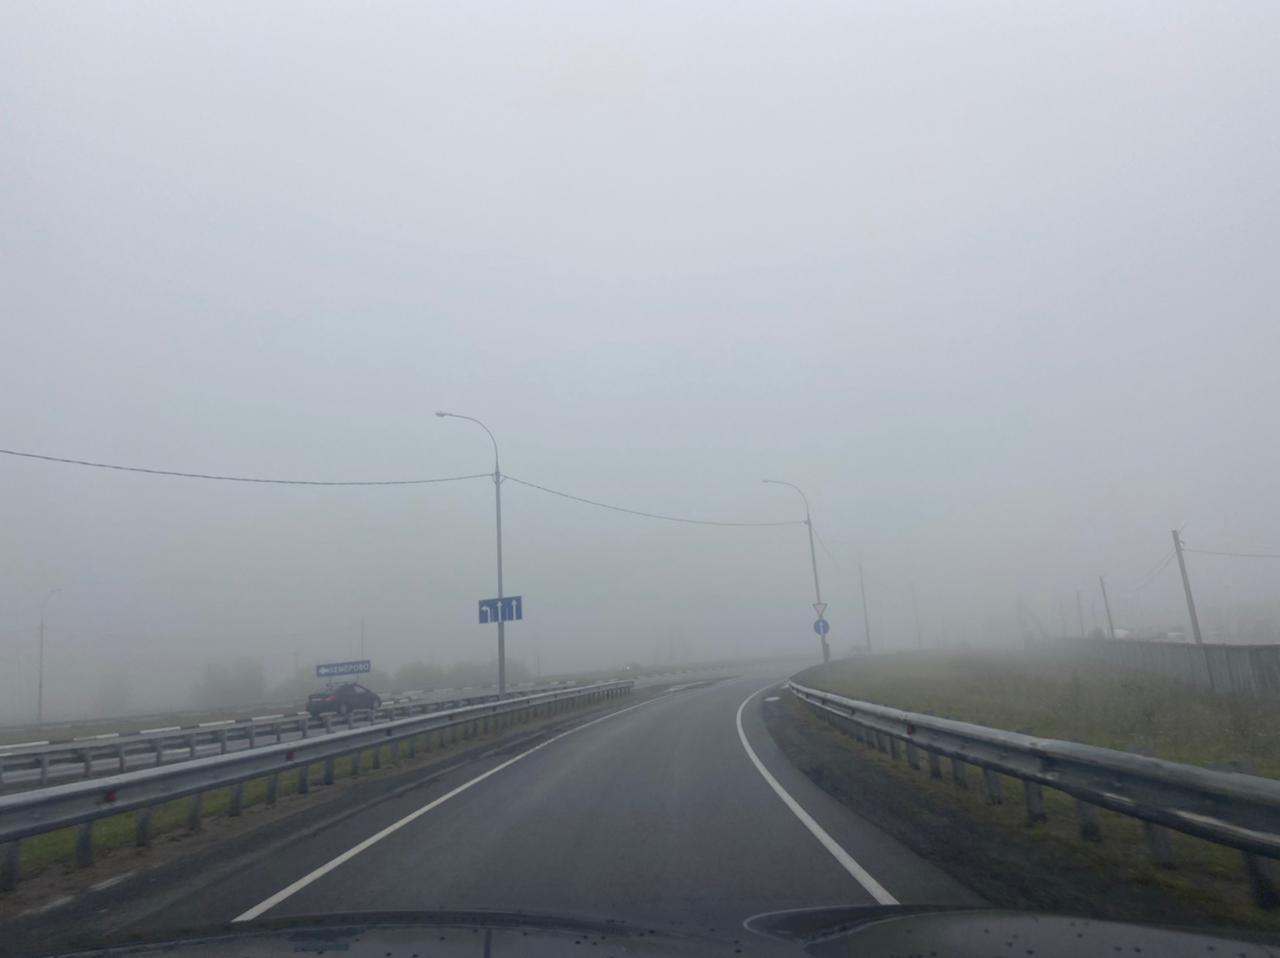 Фото «Выглядит жутковато»: новосибирцы делятся в соцсетях мистическими фото утреннего тумана 9